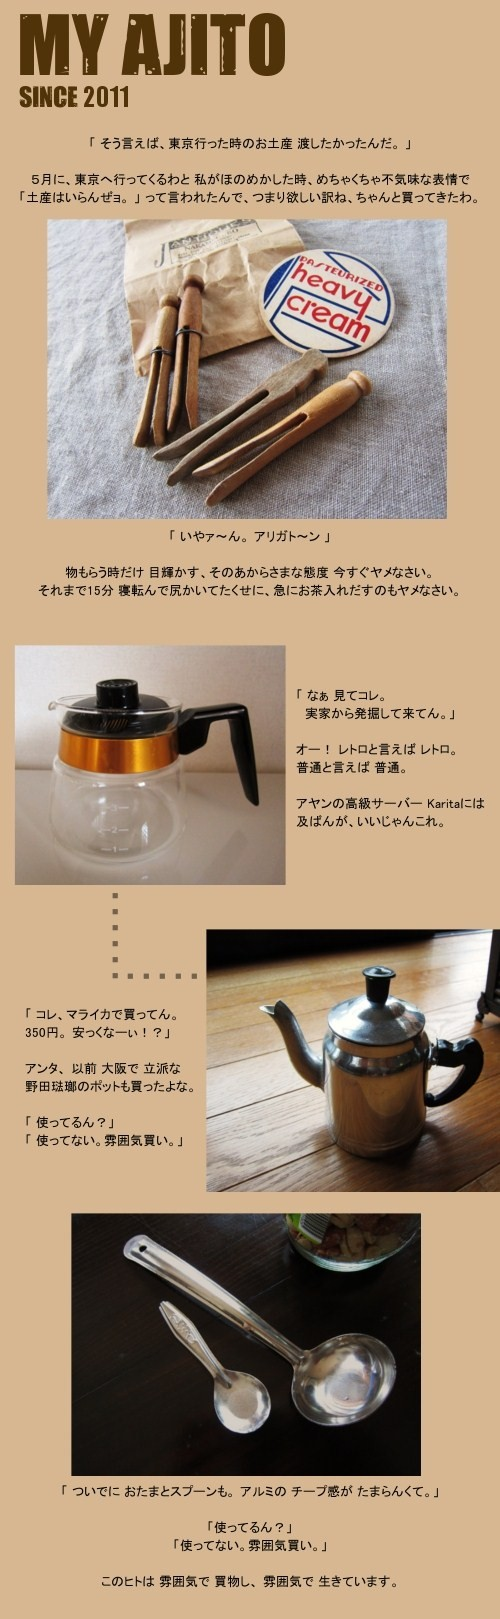 chomo_yoshita_2.jpg